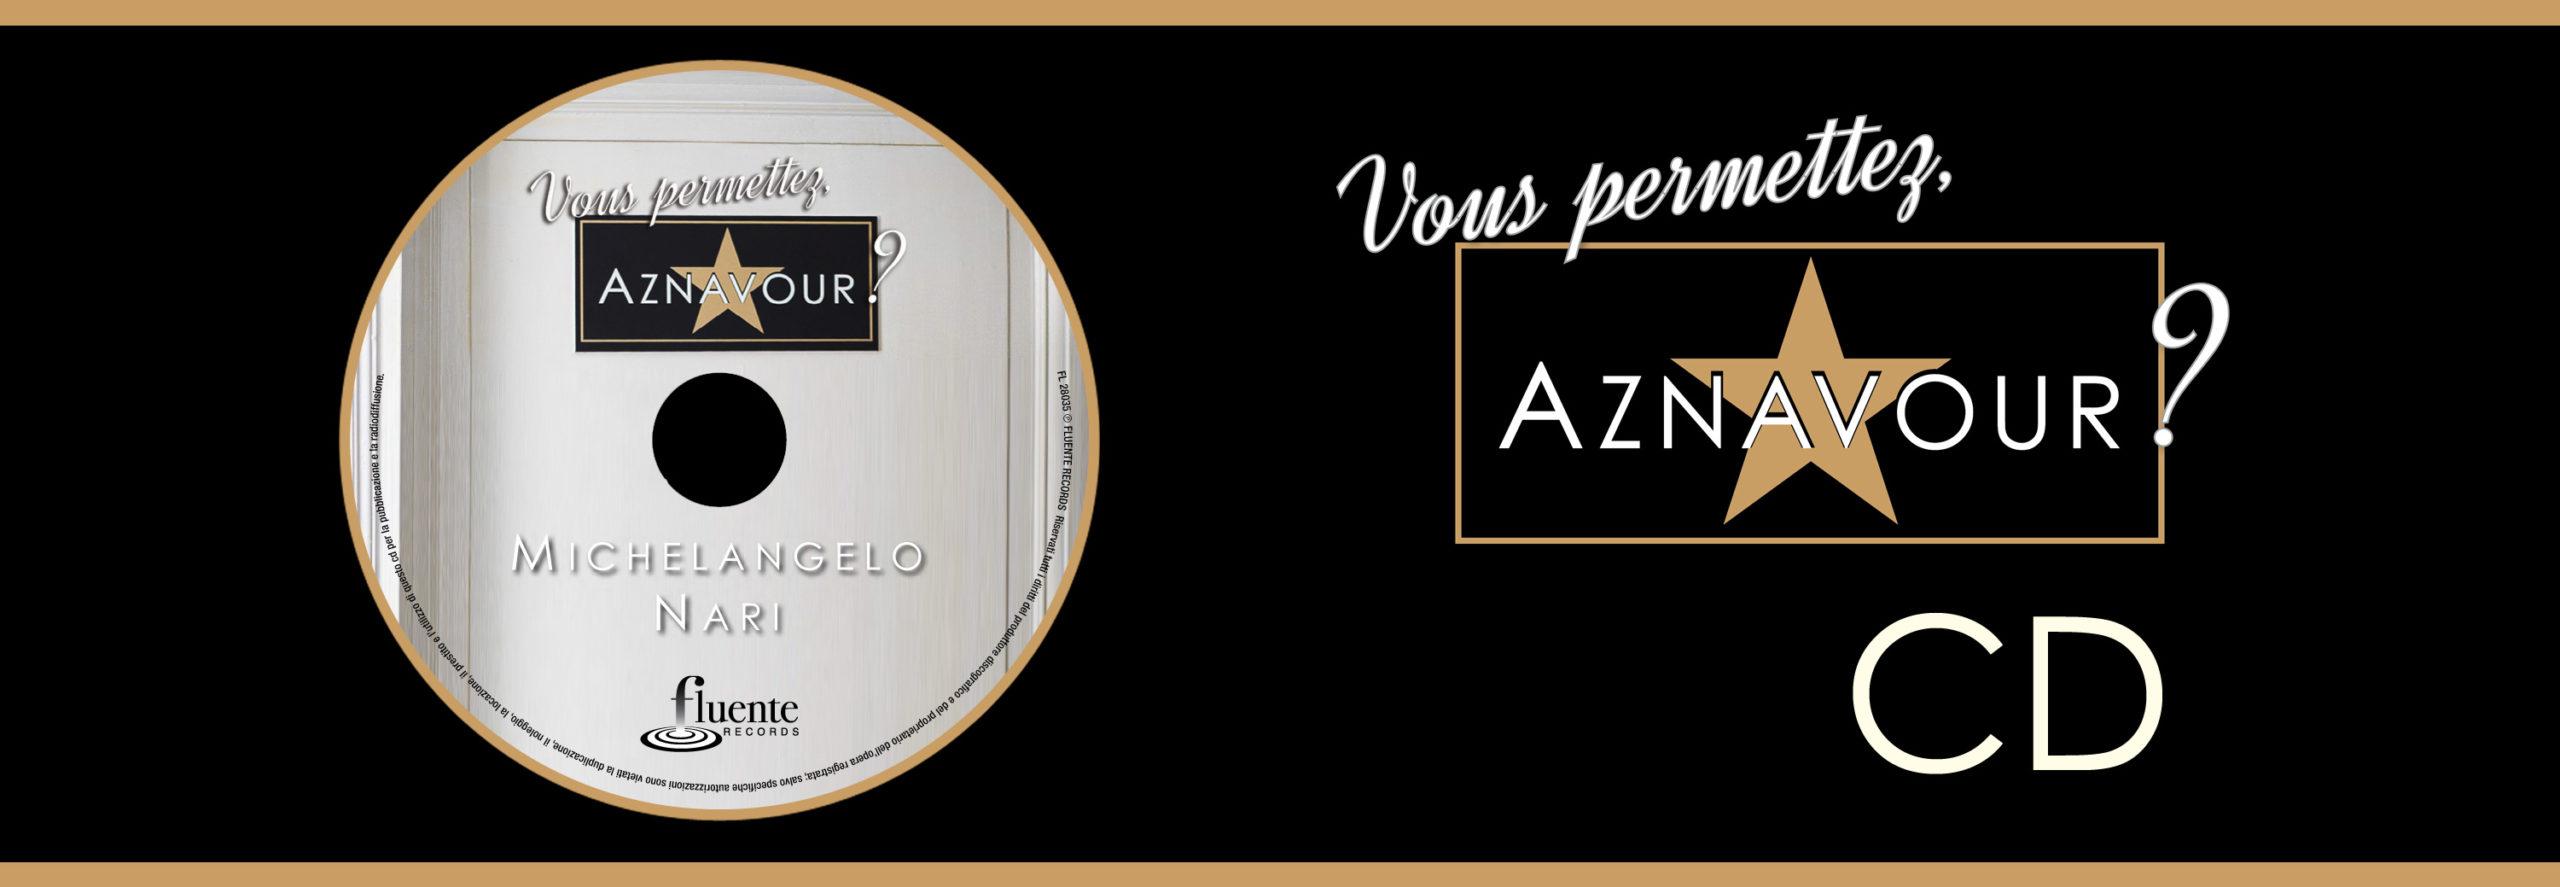 """Michelangelo Nari - CD - """"Vous permettez, Aznavour?"""""""